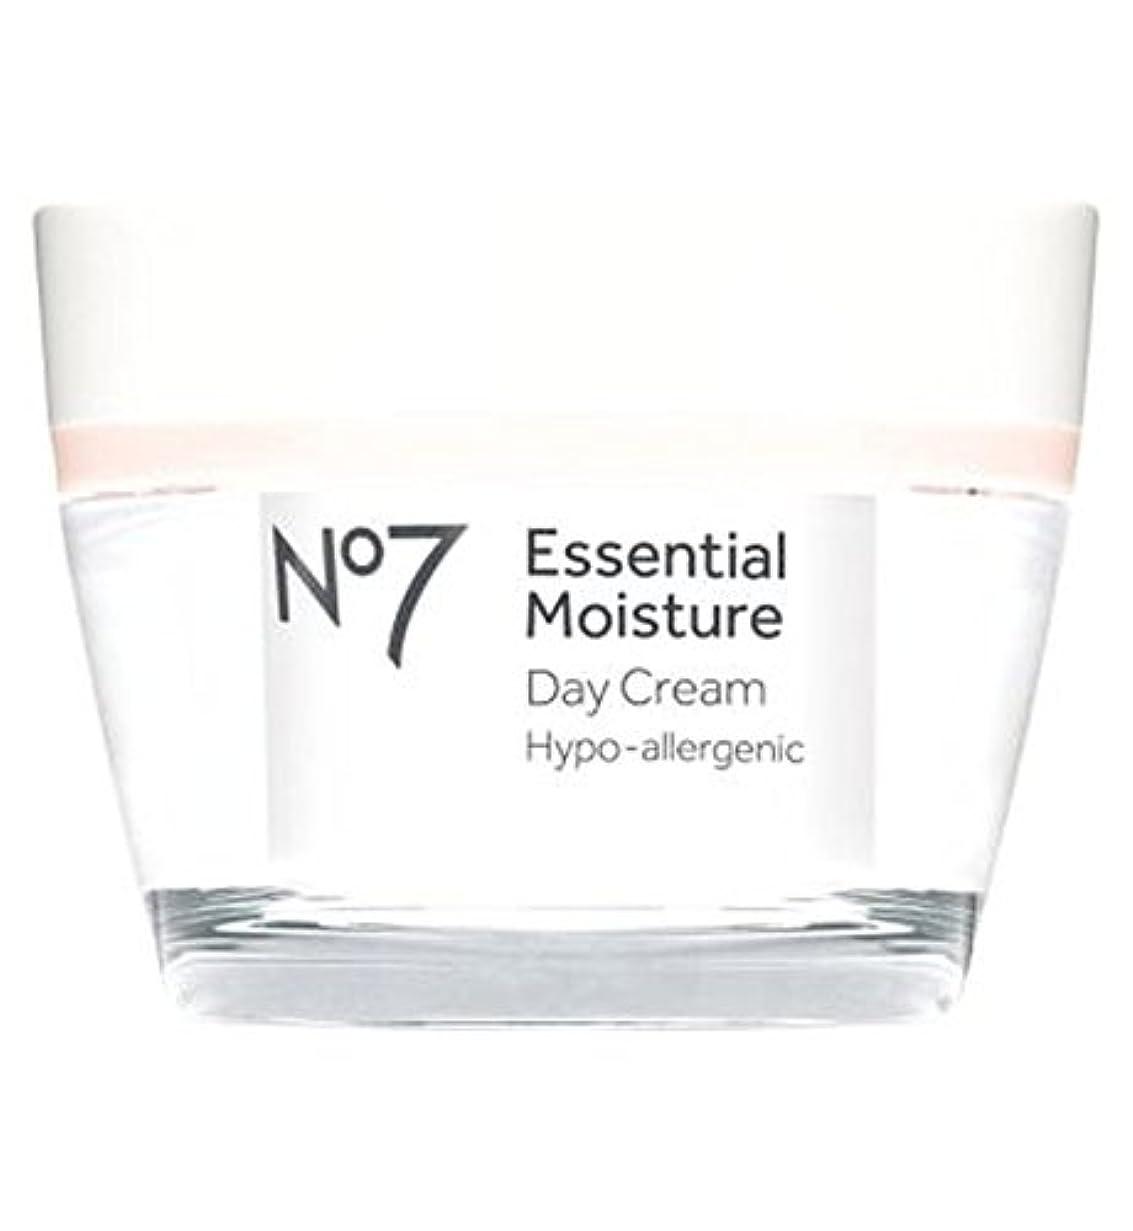 雇用者破壊的ブーストNo7不可欠な水分デイクリーム50ミリリットル (No7) (x2) - No7 Essential Moisture Day Cream 50ml (Pack of 2) [並行輸入品]